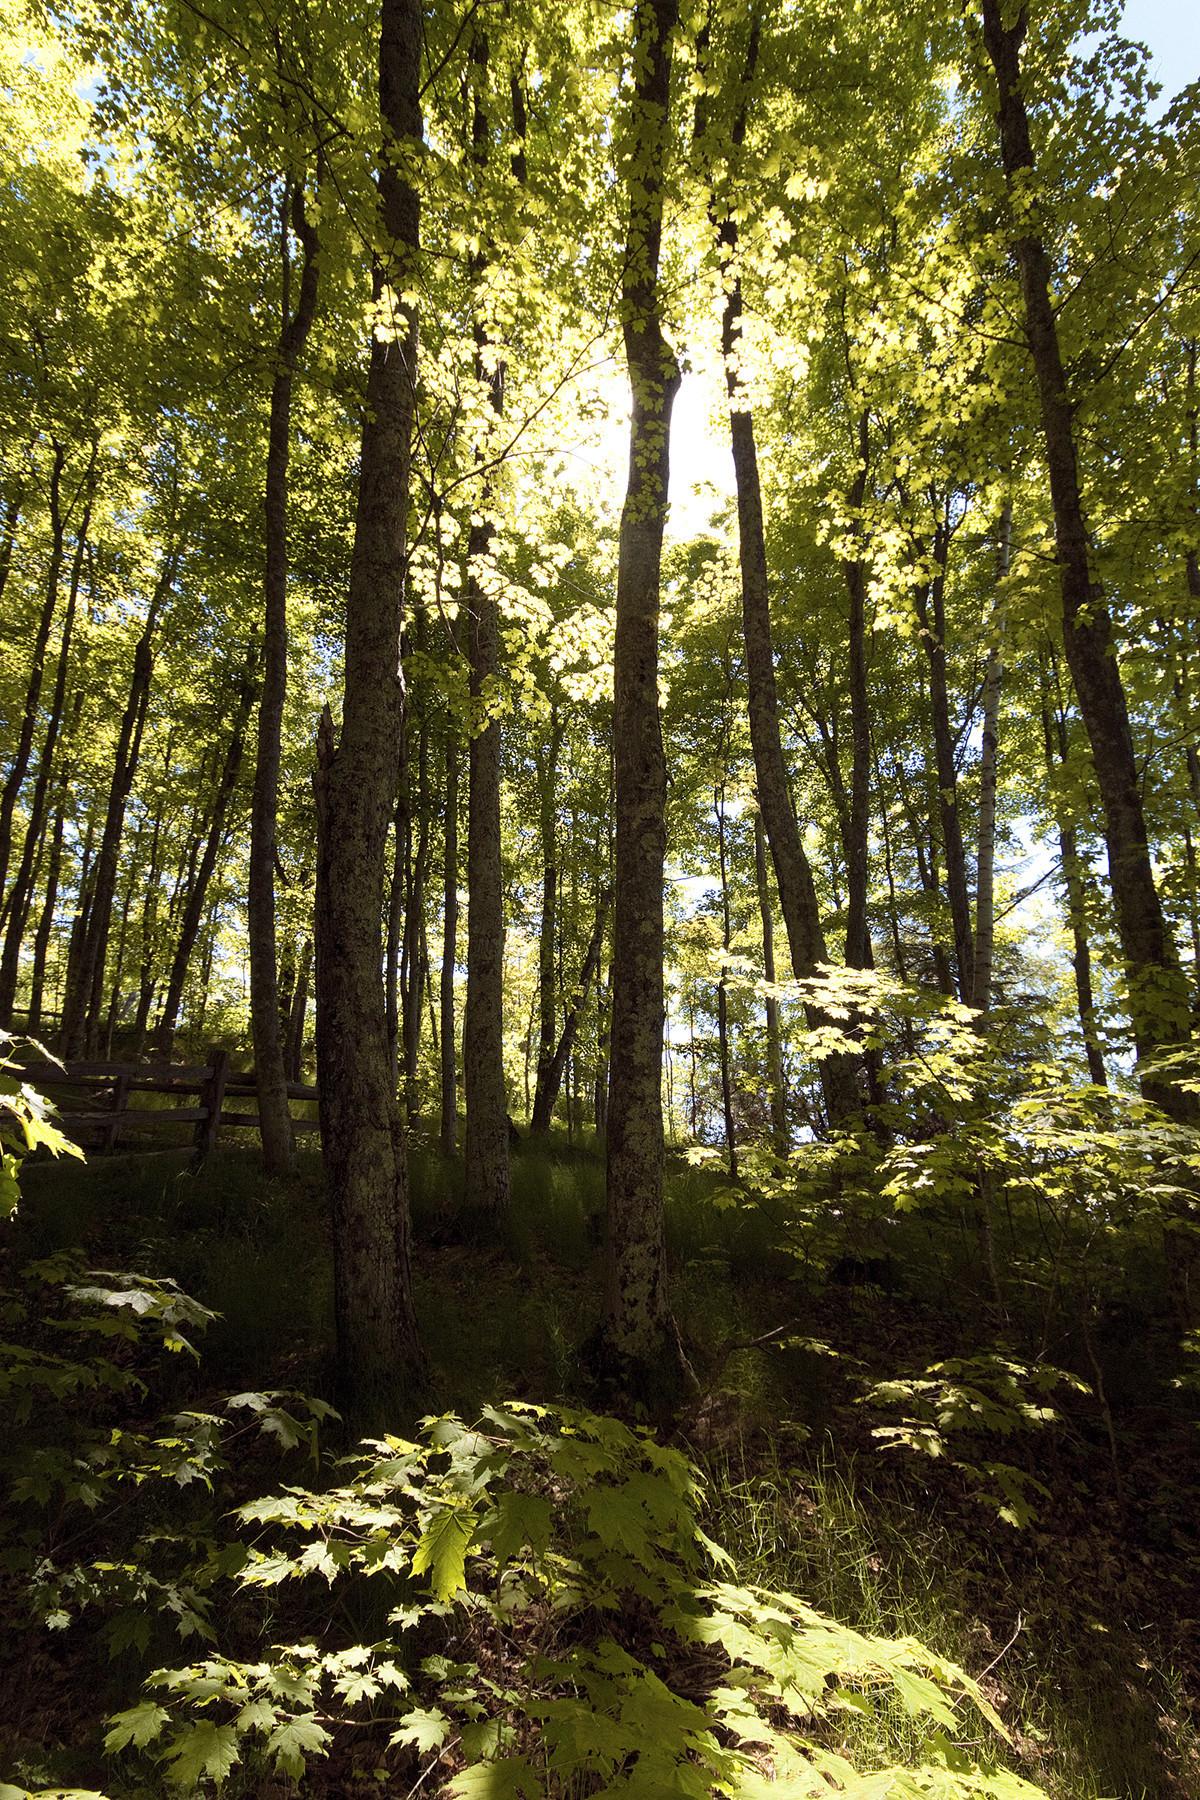 Fairchild\'s Tropical Garden Column: Pruning a tree? Learn the basics ...